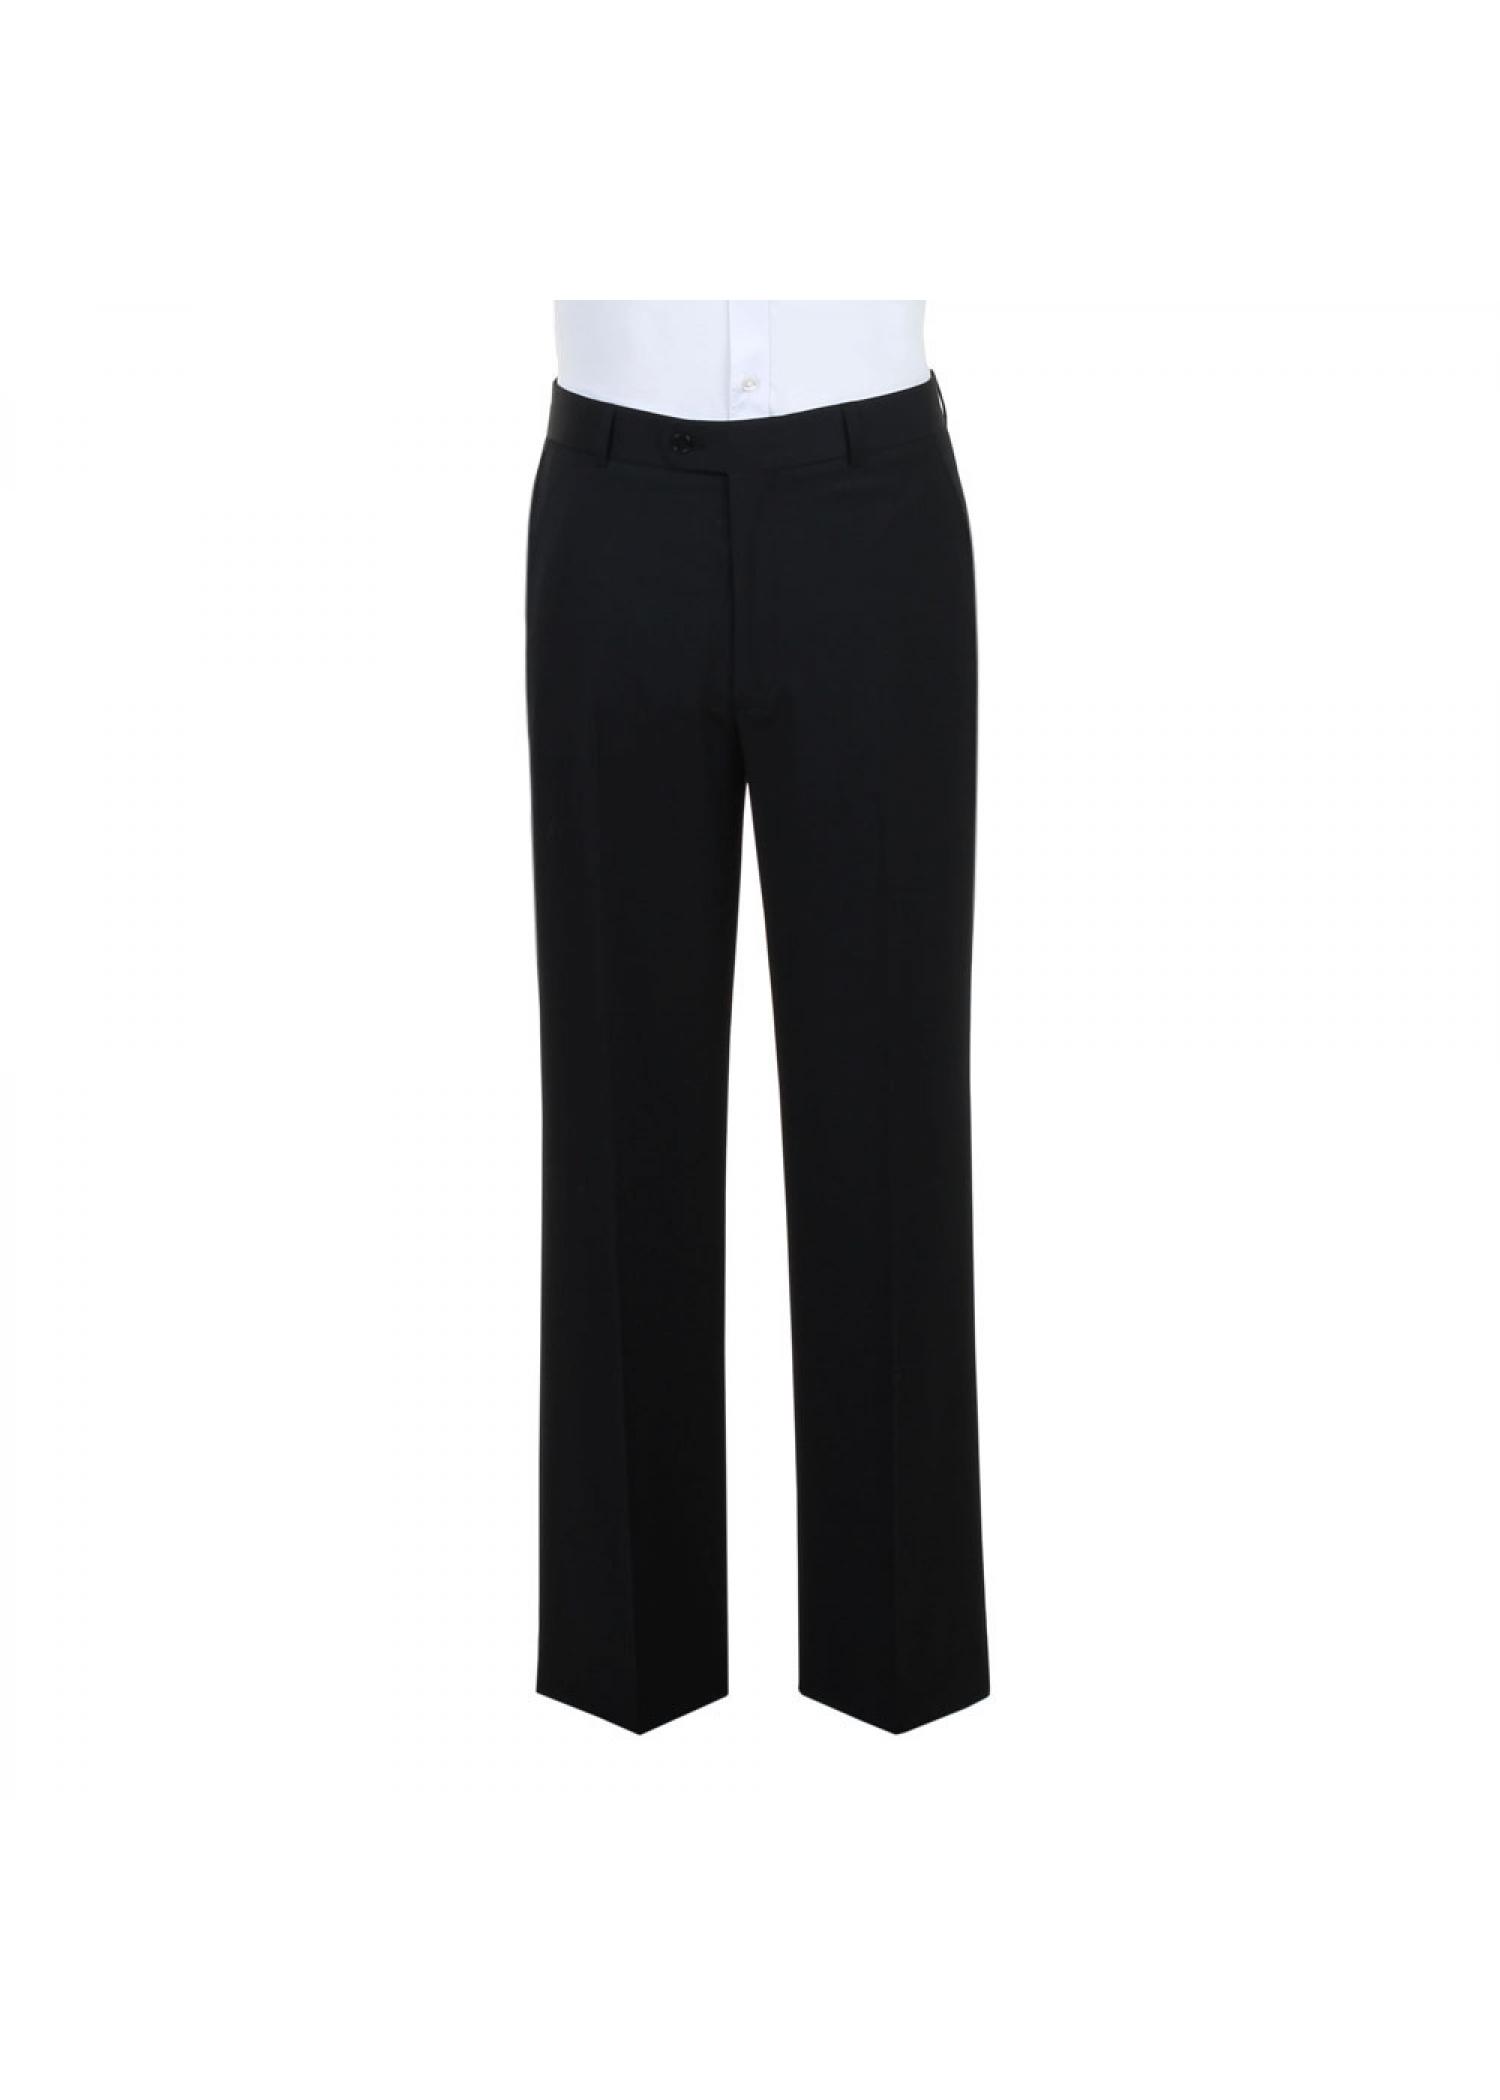 Black Machine Washable Trousers